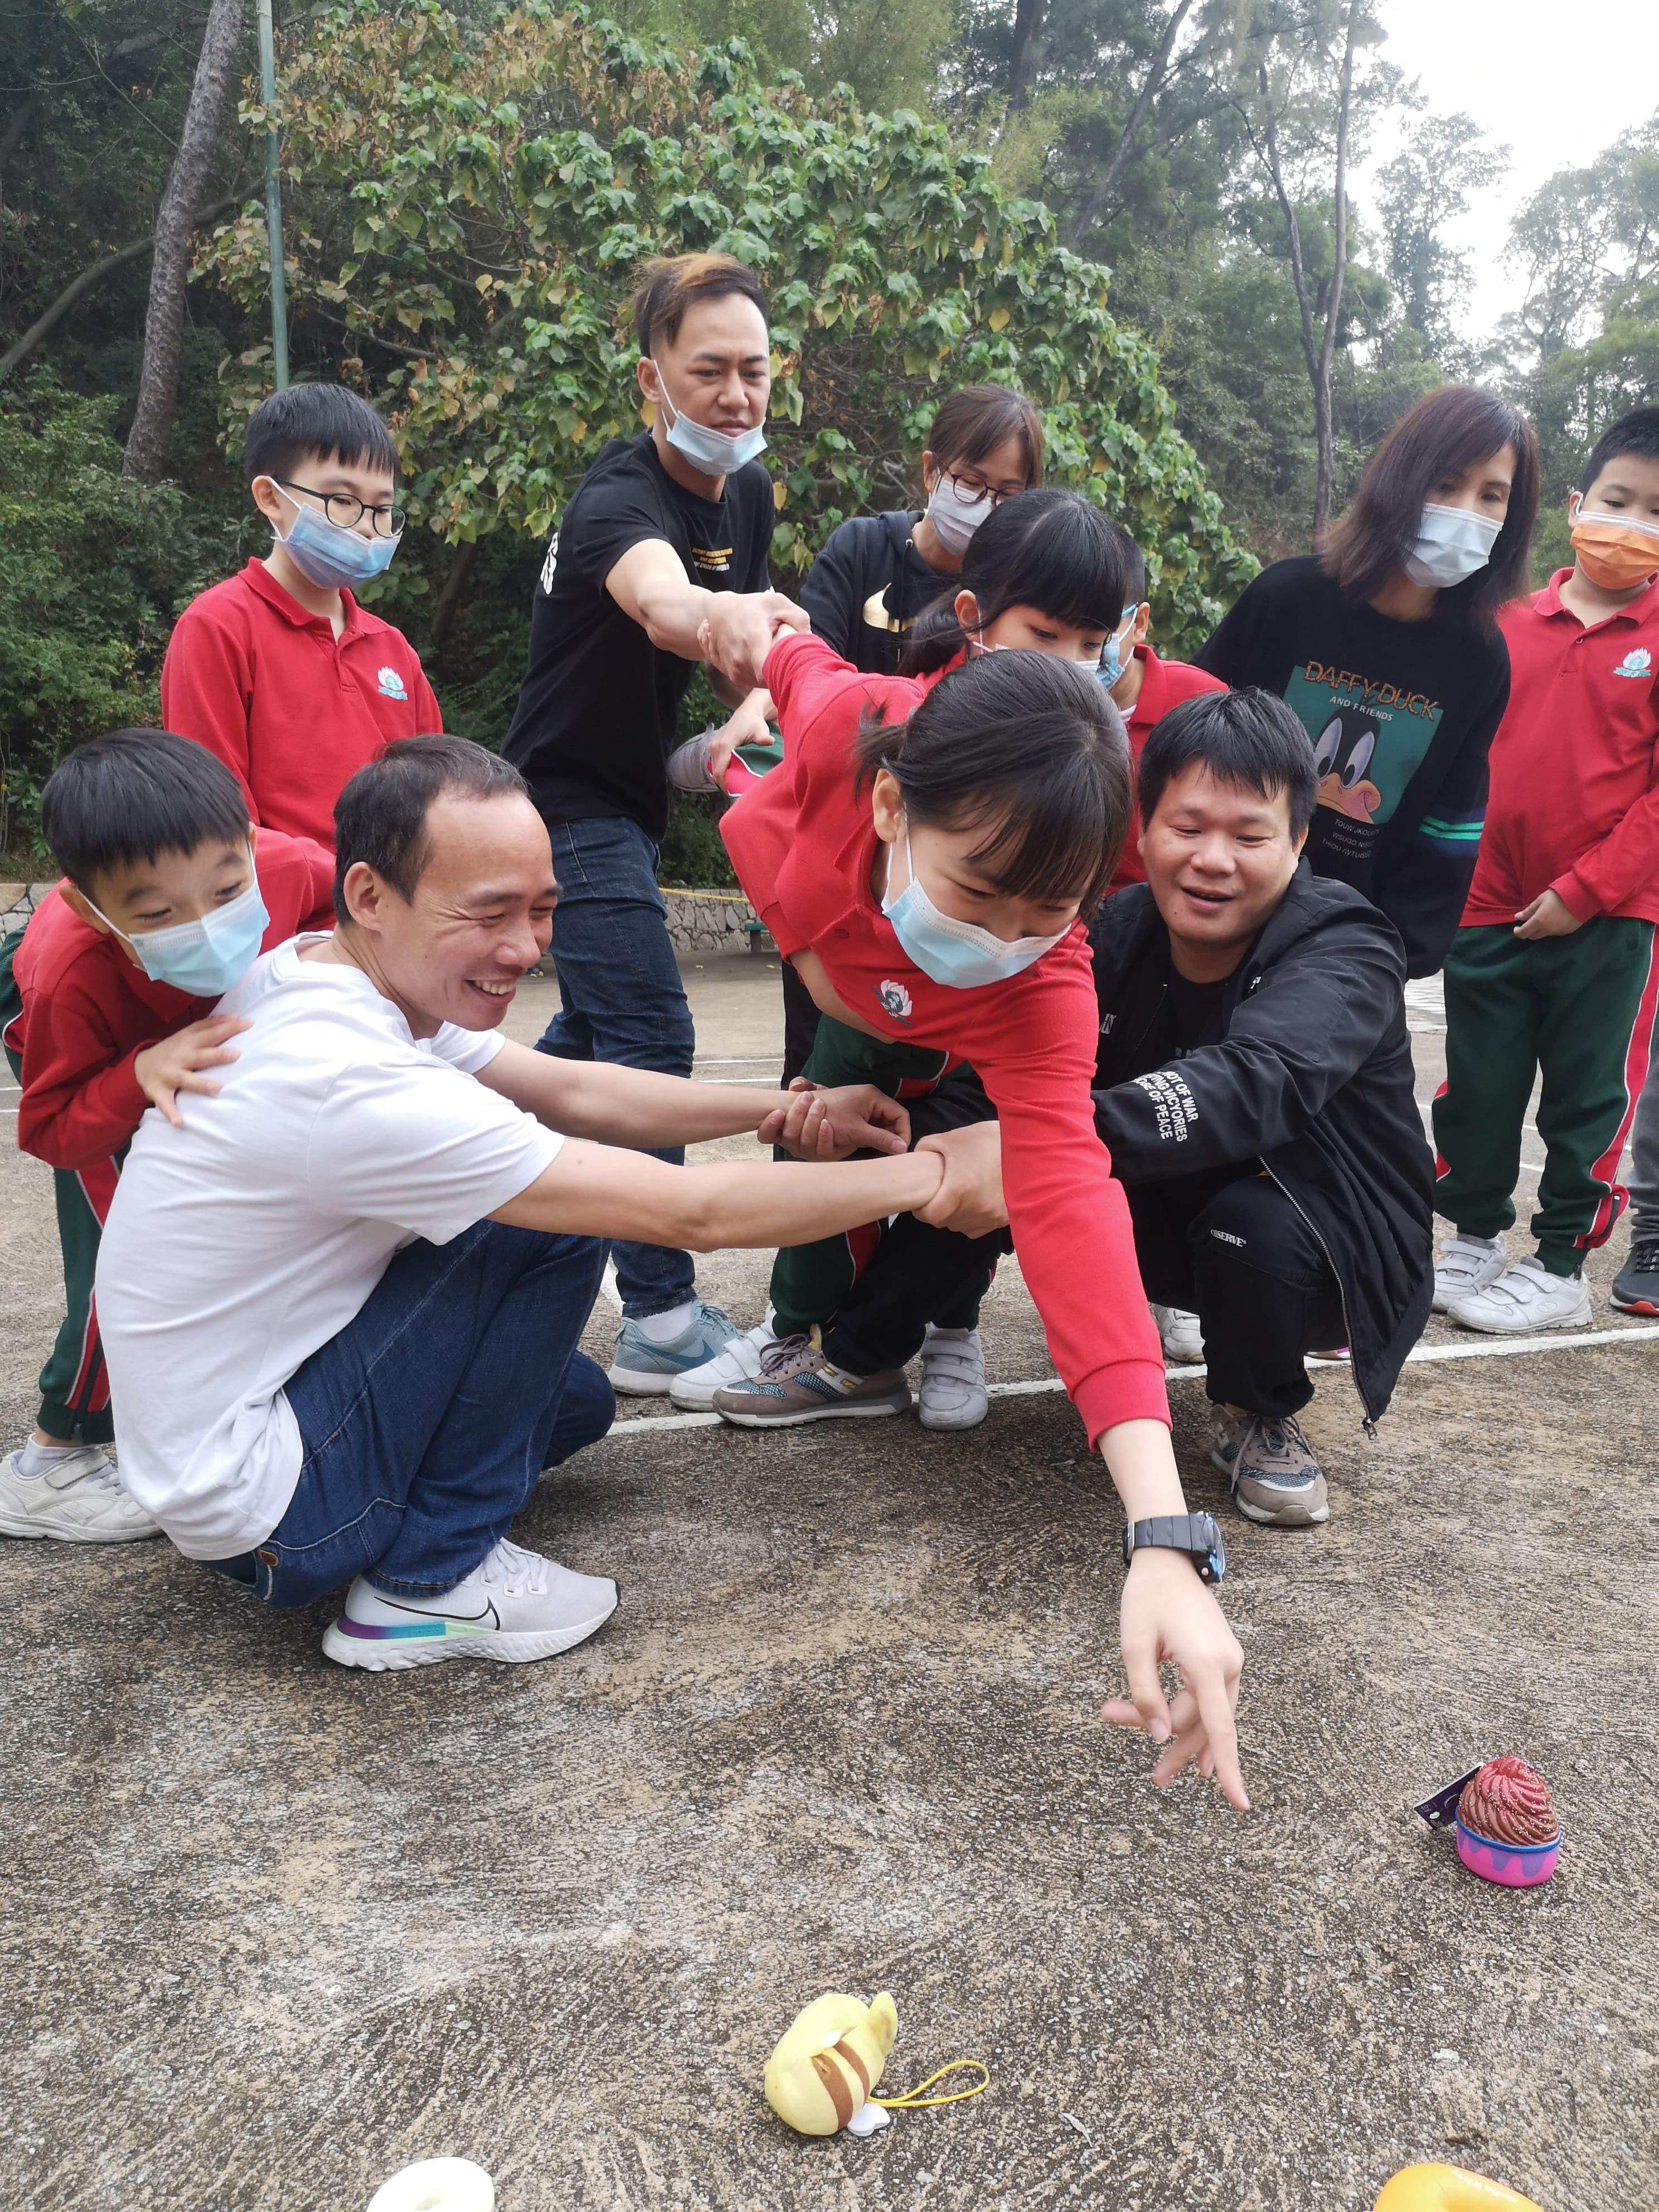 「學校輔導服務」- 奔跑吧!親子歷奇活動